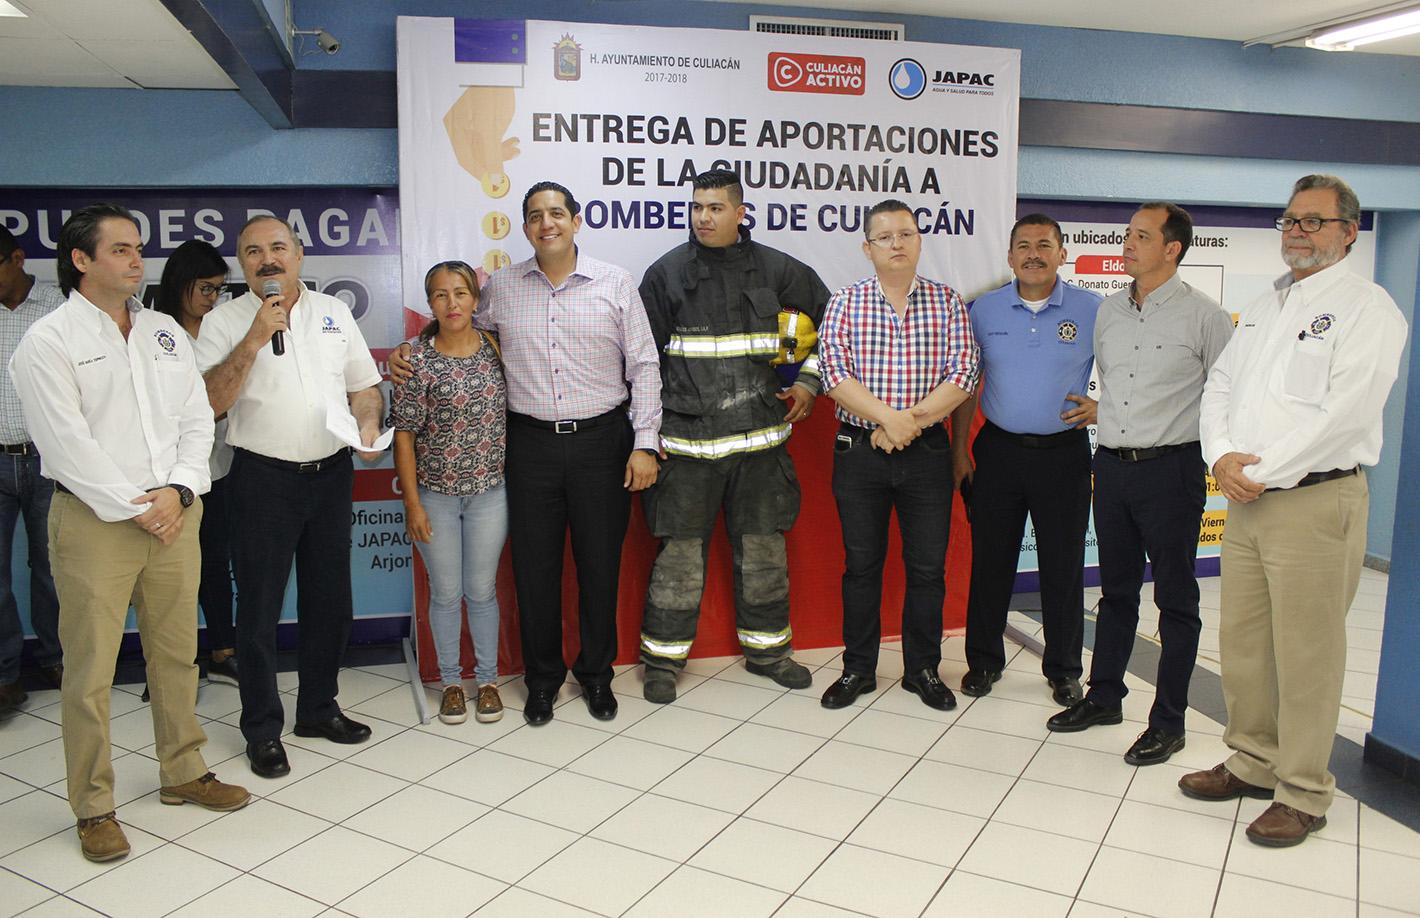 JAPAC-NOTICIAS-bomberos-recibe-aportacion-ciudadana-03